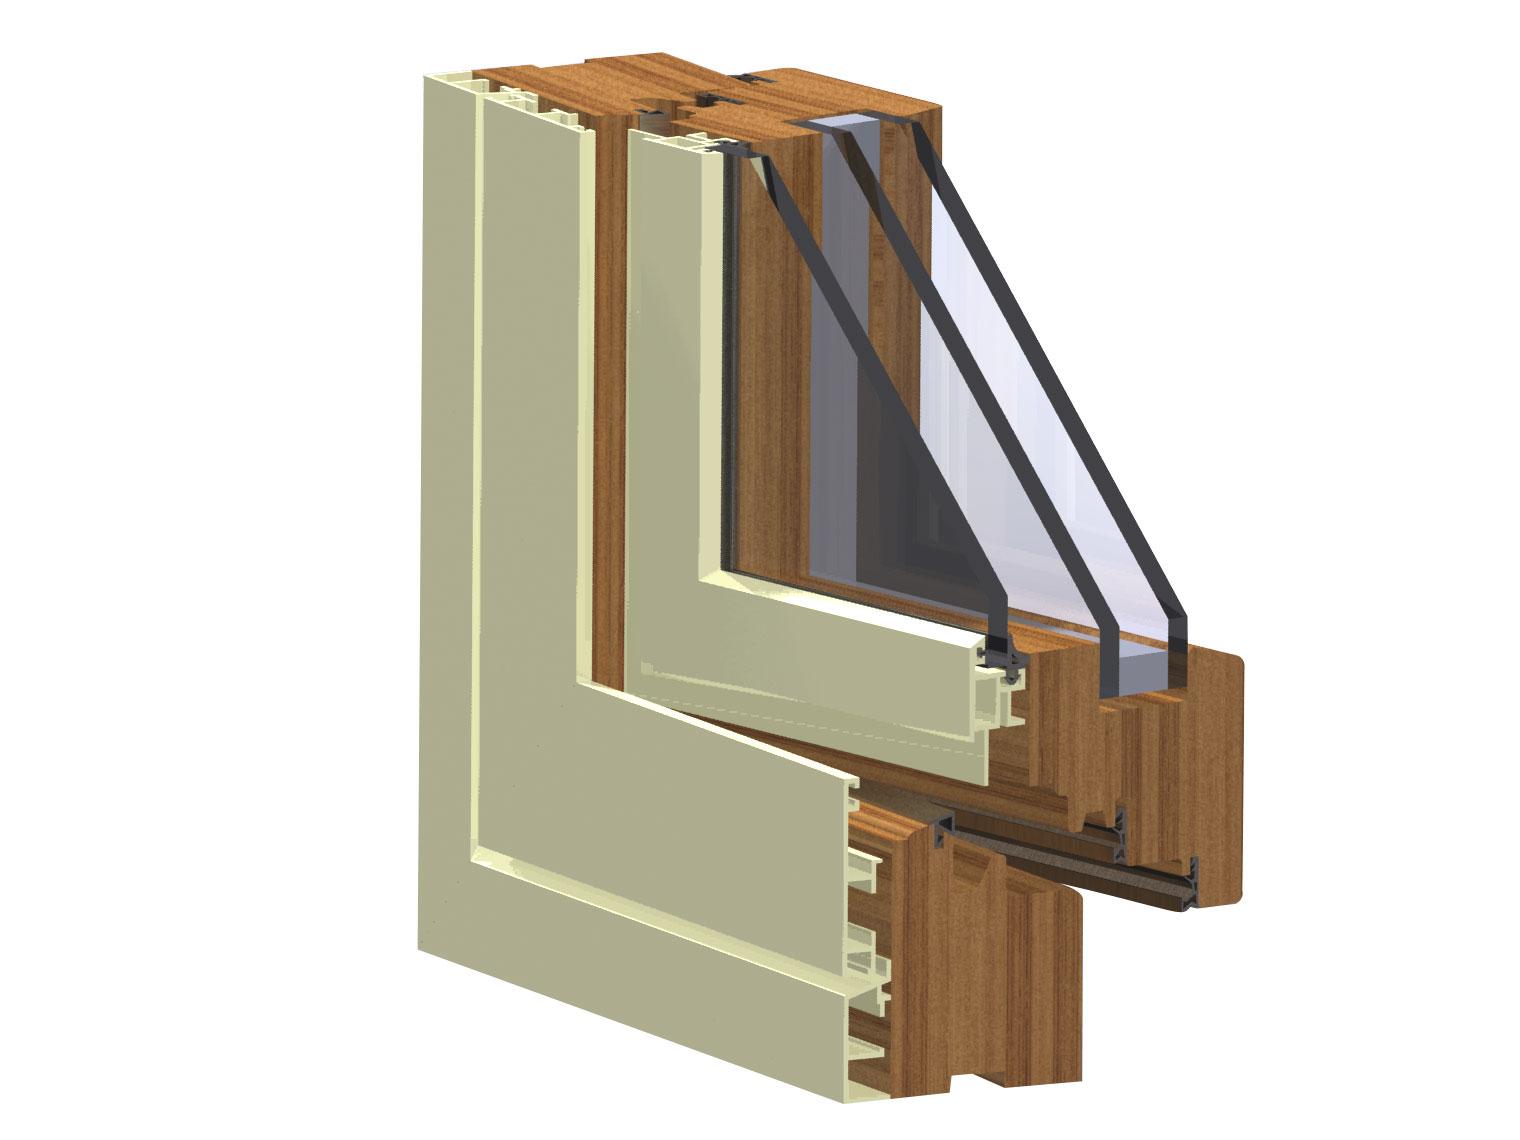 Blog mada d d for Prezzi serramenti legno alluminio